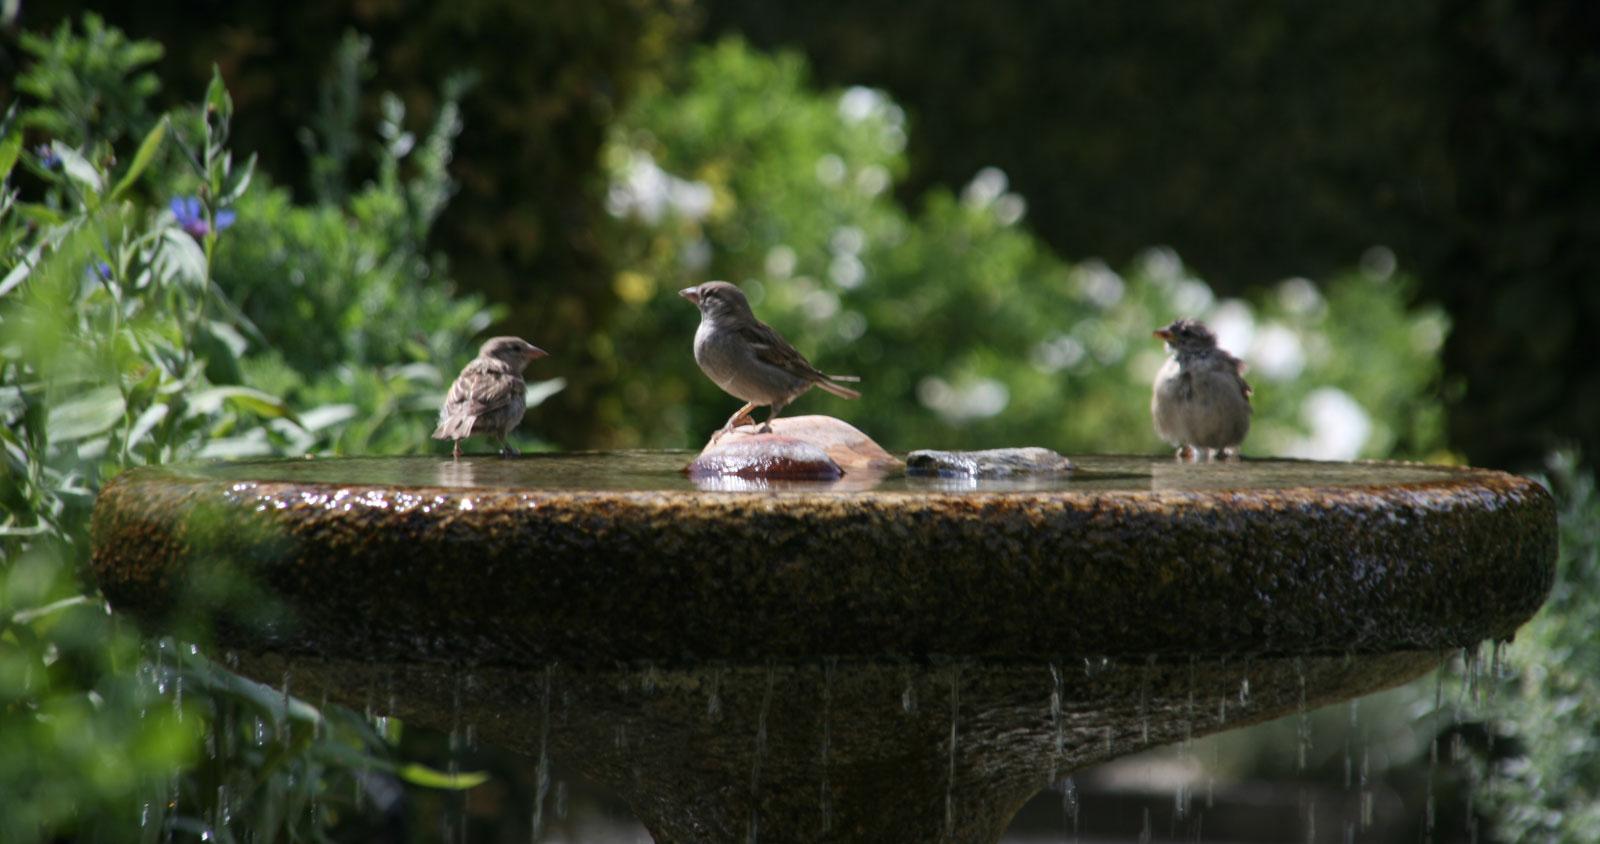 Jardin des Cinq Sens à Yvoire : le bain des oiseaux.